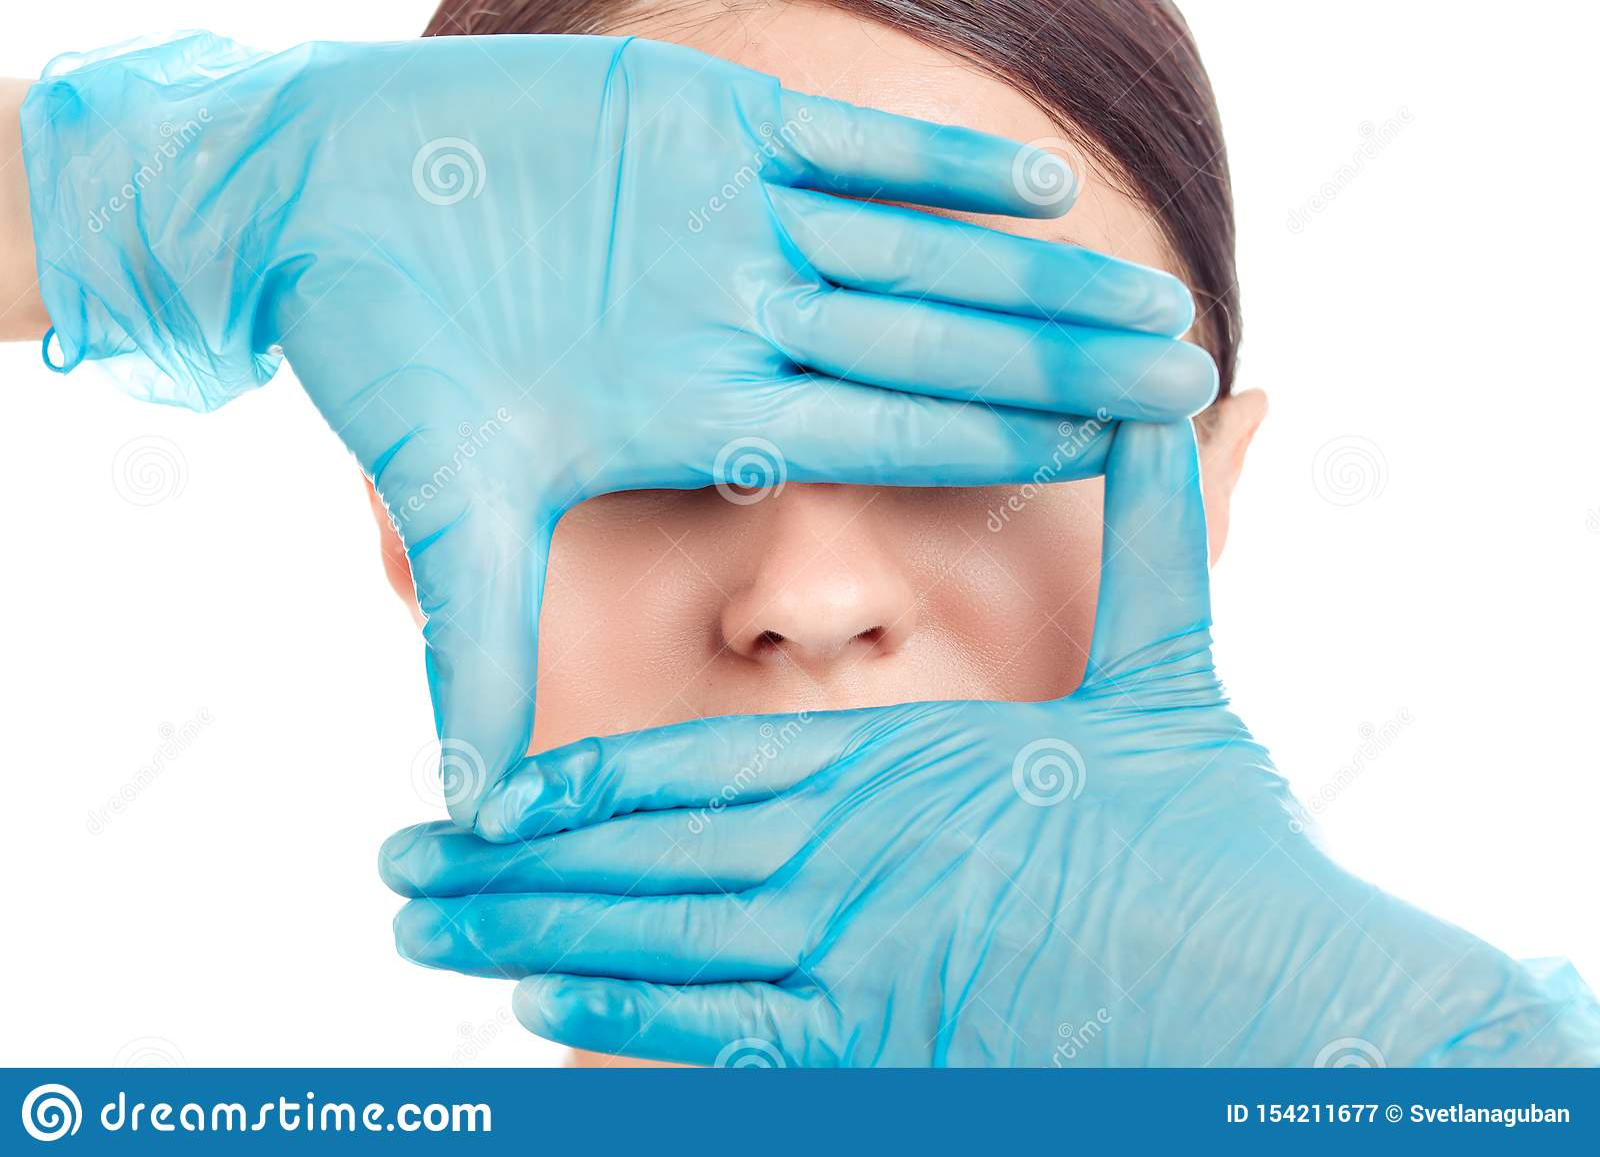 La donna sta preparando per la chirurgia del naso, fondo bianco